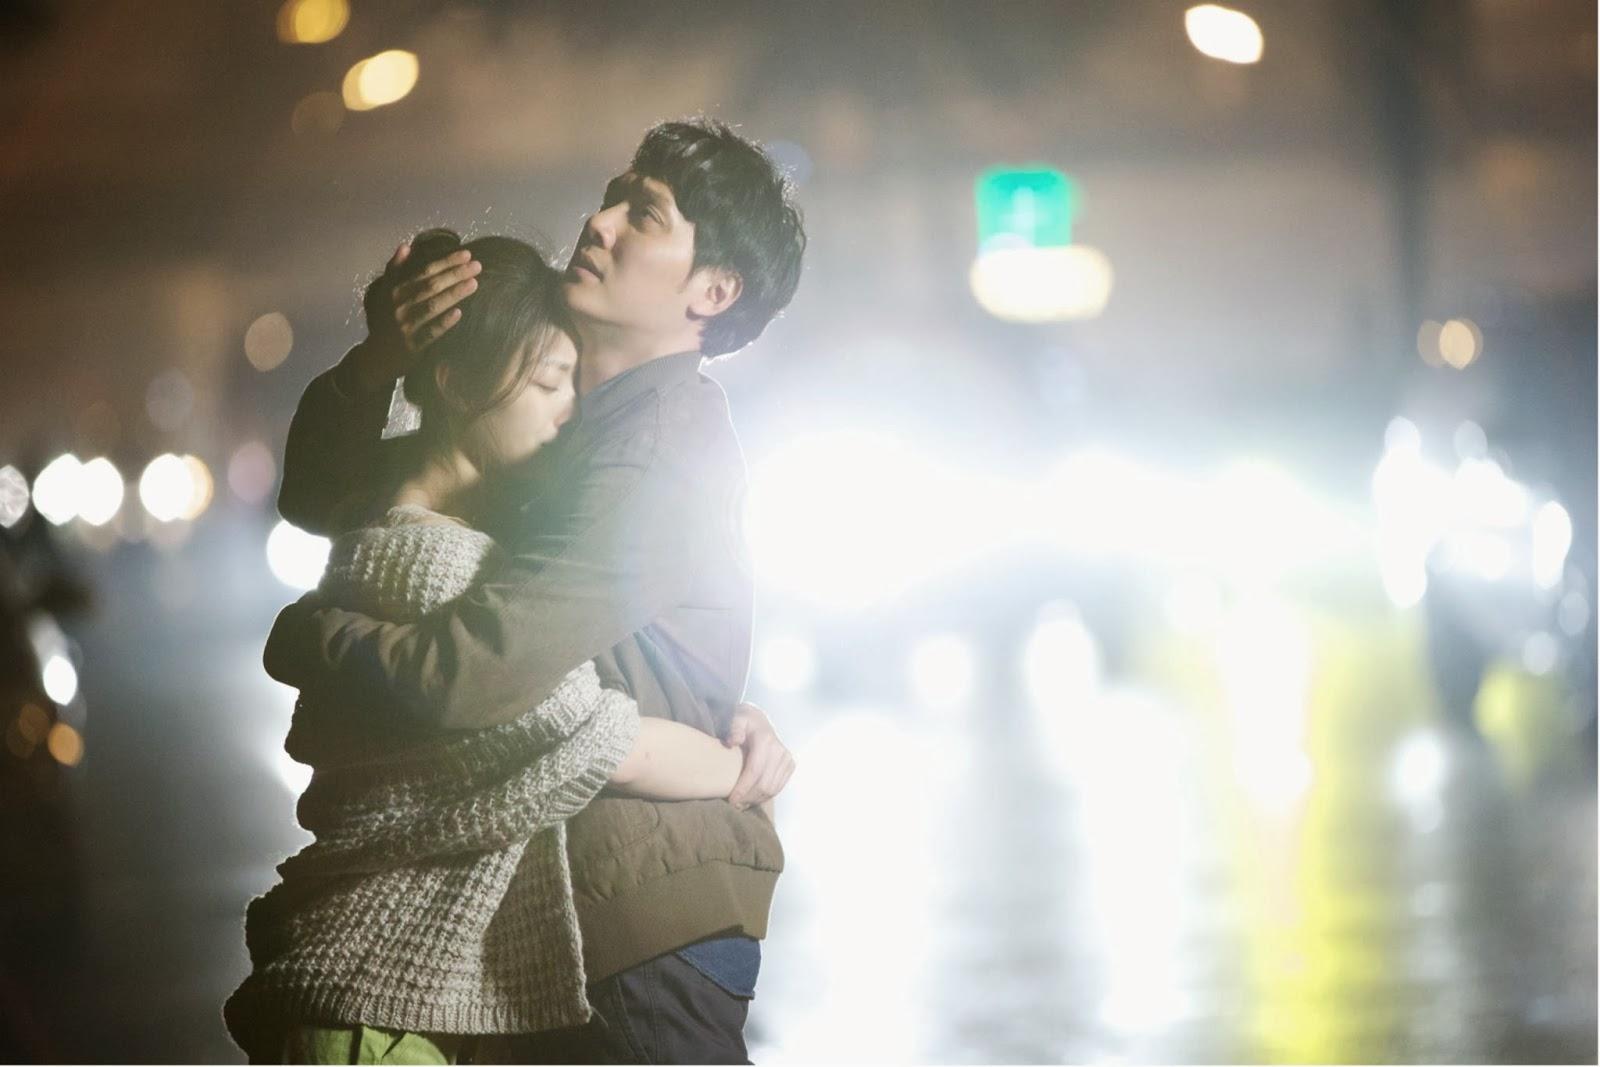 Love Will Tear Us Apart: Khi lý do kết thúc một cuộc tình chỉ vì hai chữ quá yêu - Ảnh 1.